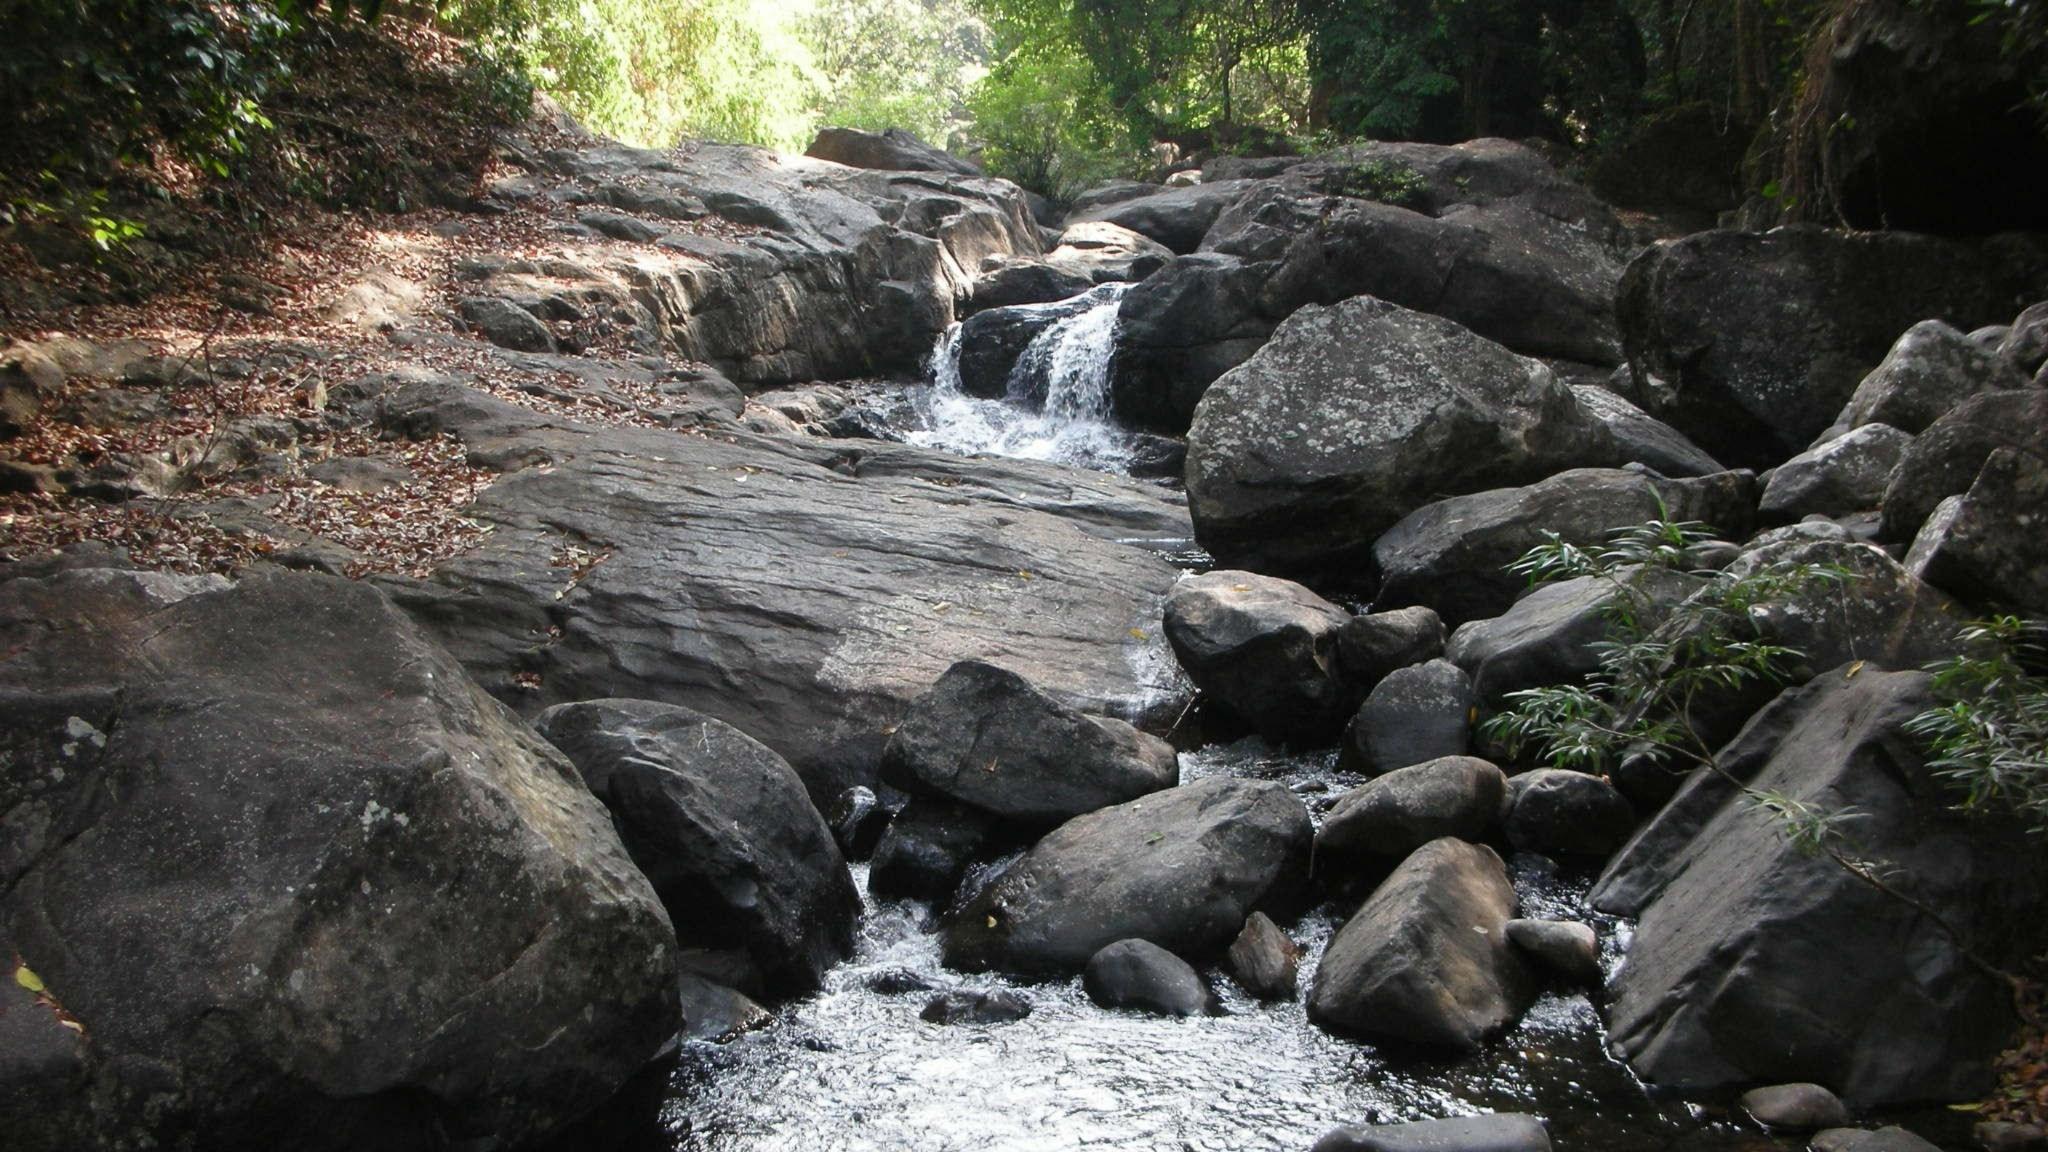 Vid fjällbäckens vatten